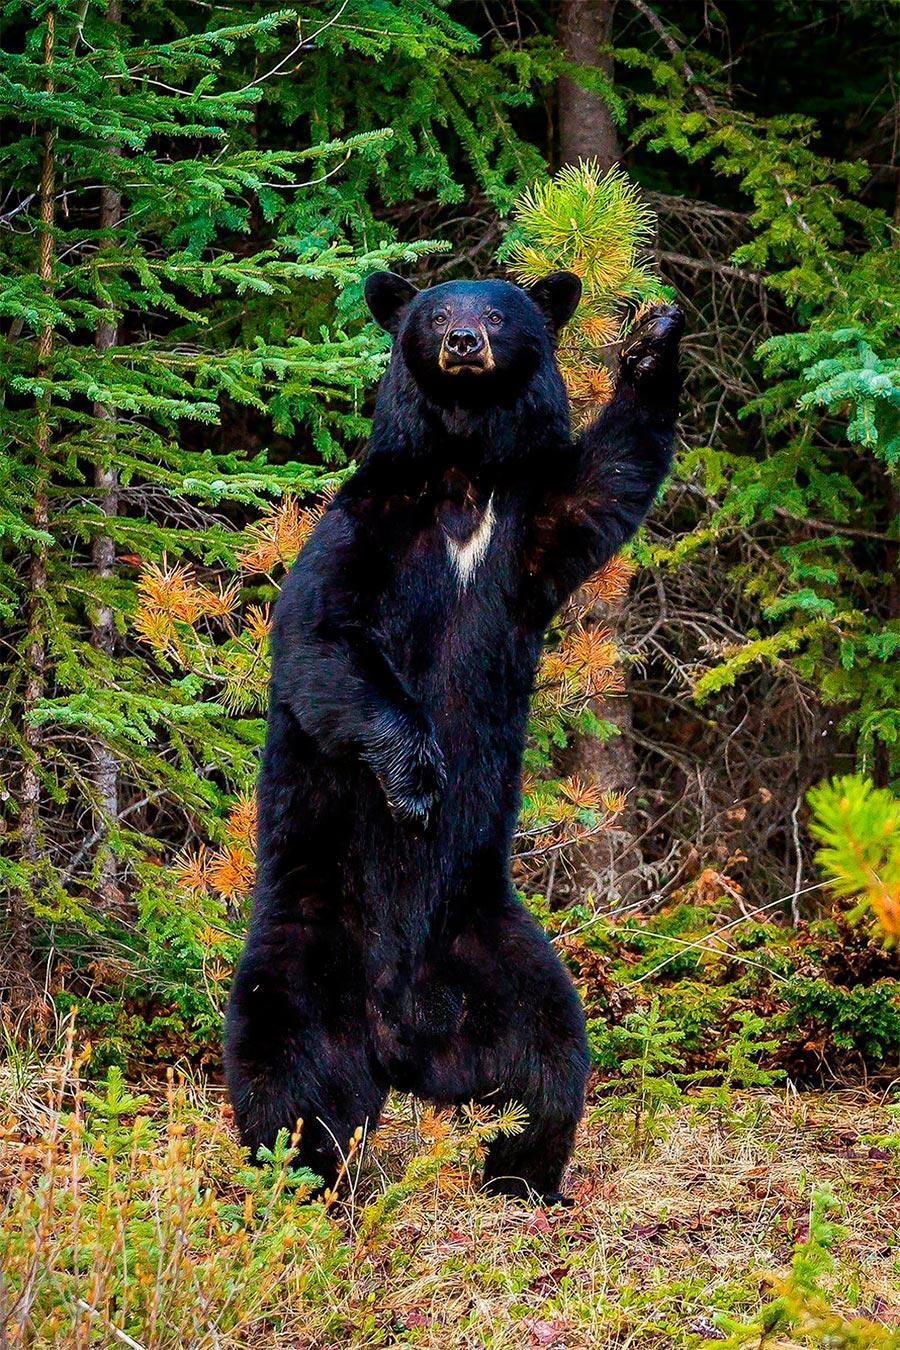 Comedy Wildlife Photography Awards 2017 Барибал (или чёрный медведь) Национальный парк Джаспер Альберта Канада Крис Мартин